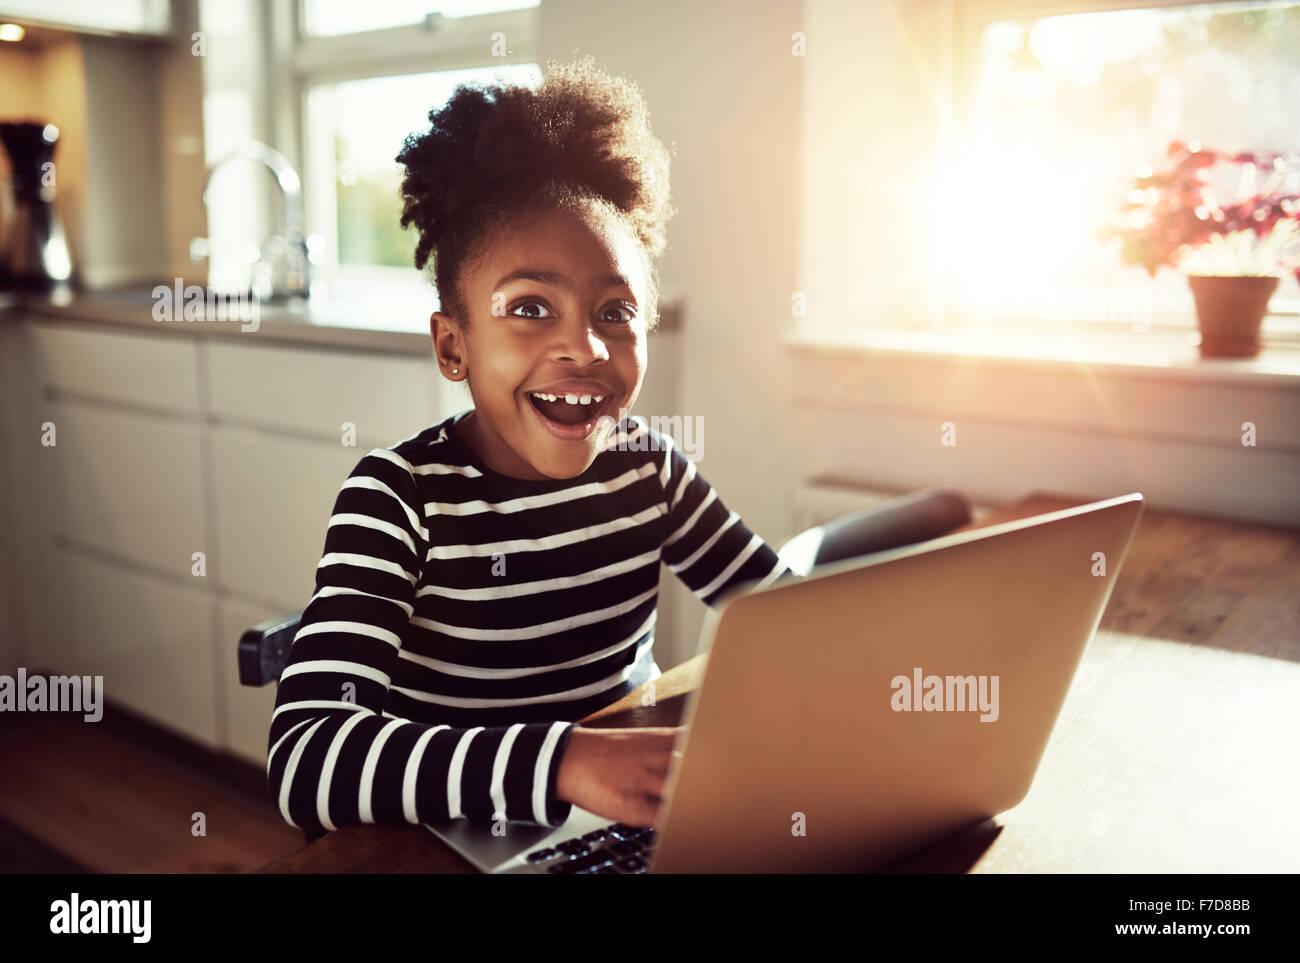 Negro chica sentada jugando en un equipo portátil en casa mirando a la cámara con una expresión de Imagen De Stock